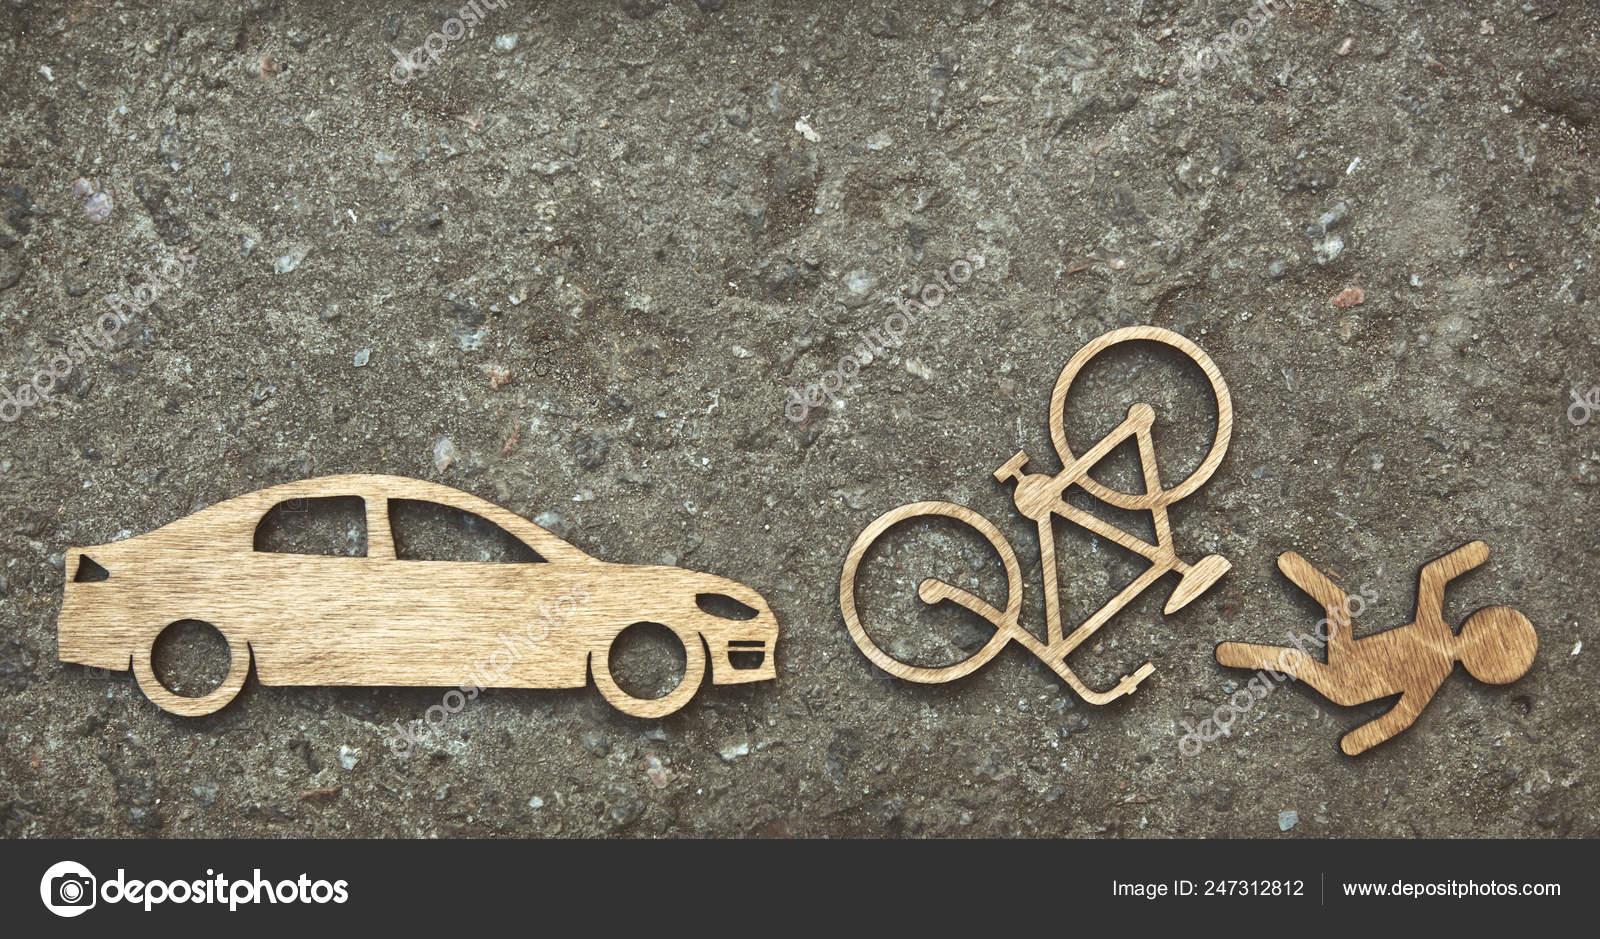 Coche Poco Madera Hombre Bicicleta Piedra Fondo Juguete Sobre v76gbyYf